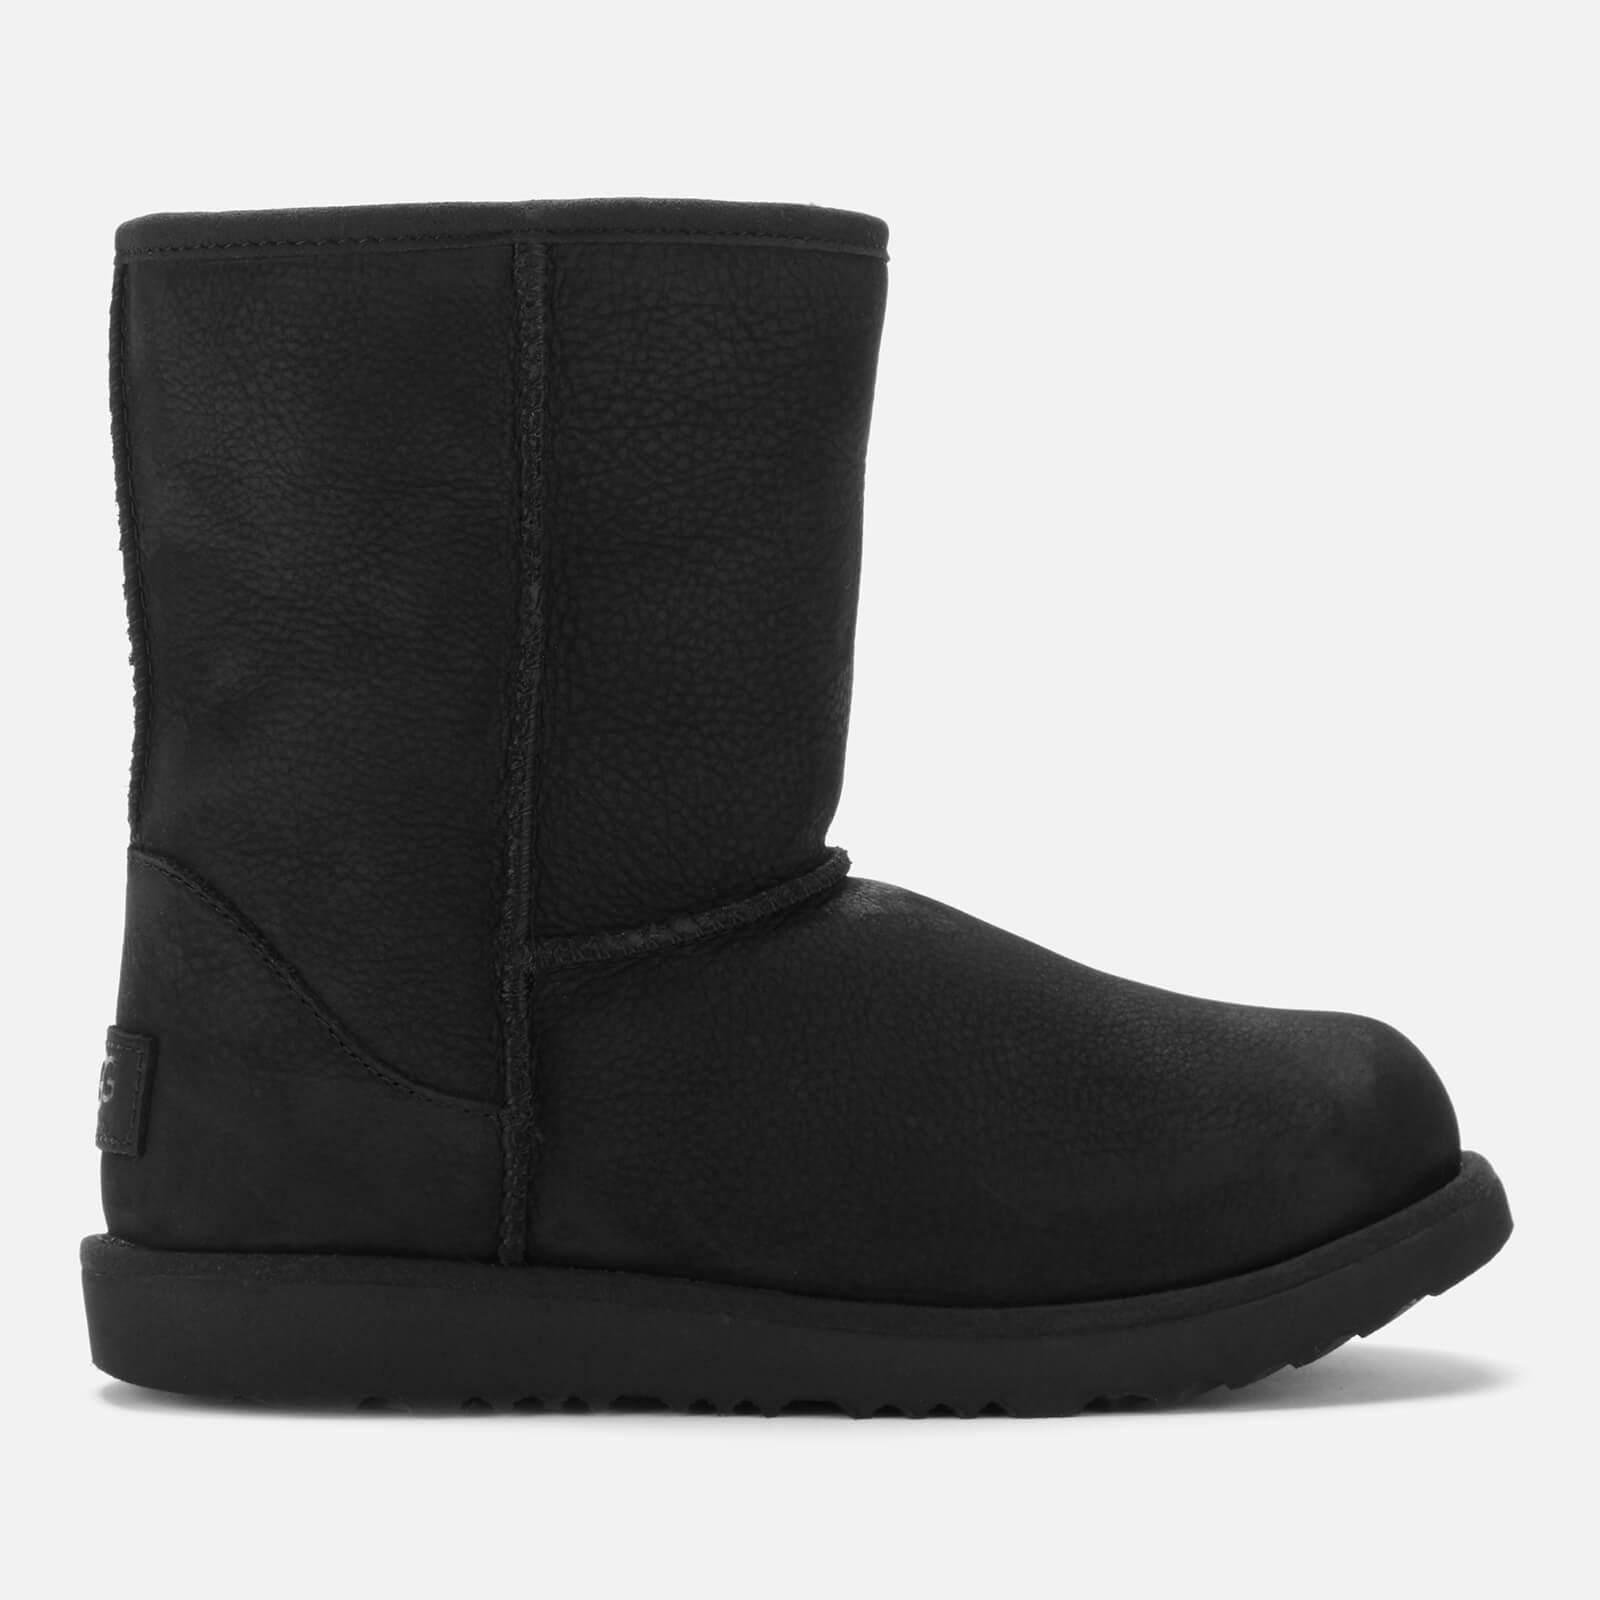 aa98491e1d6 UGG Kids' Classic Short II Waterproof Boots - Black